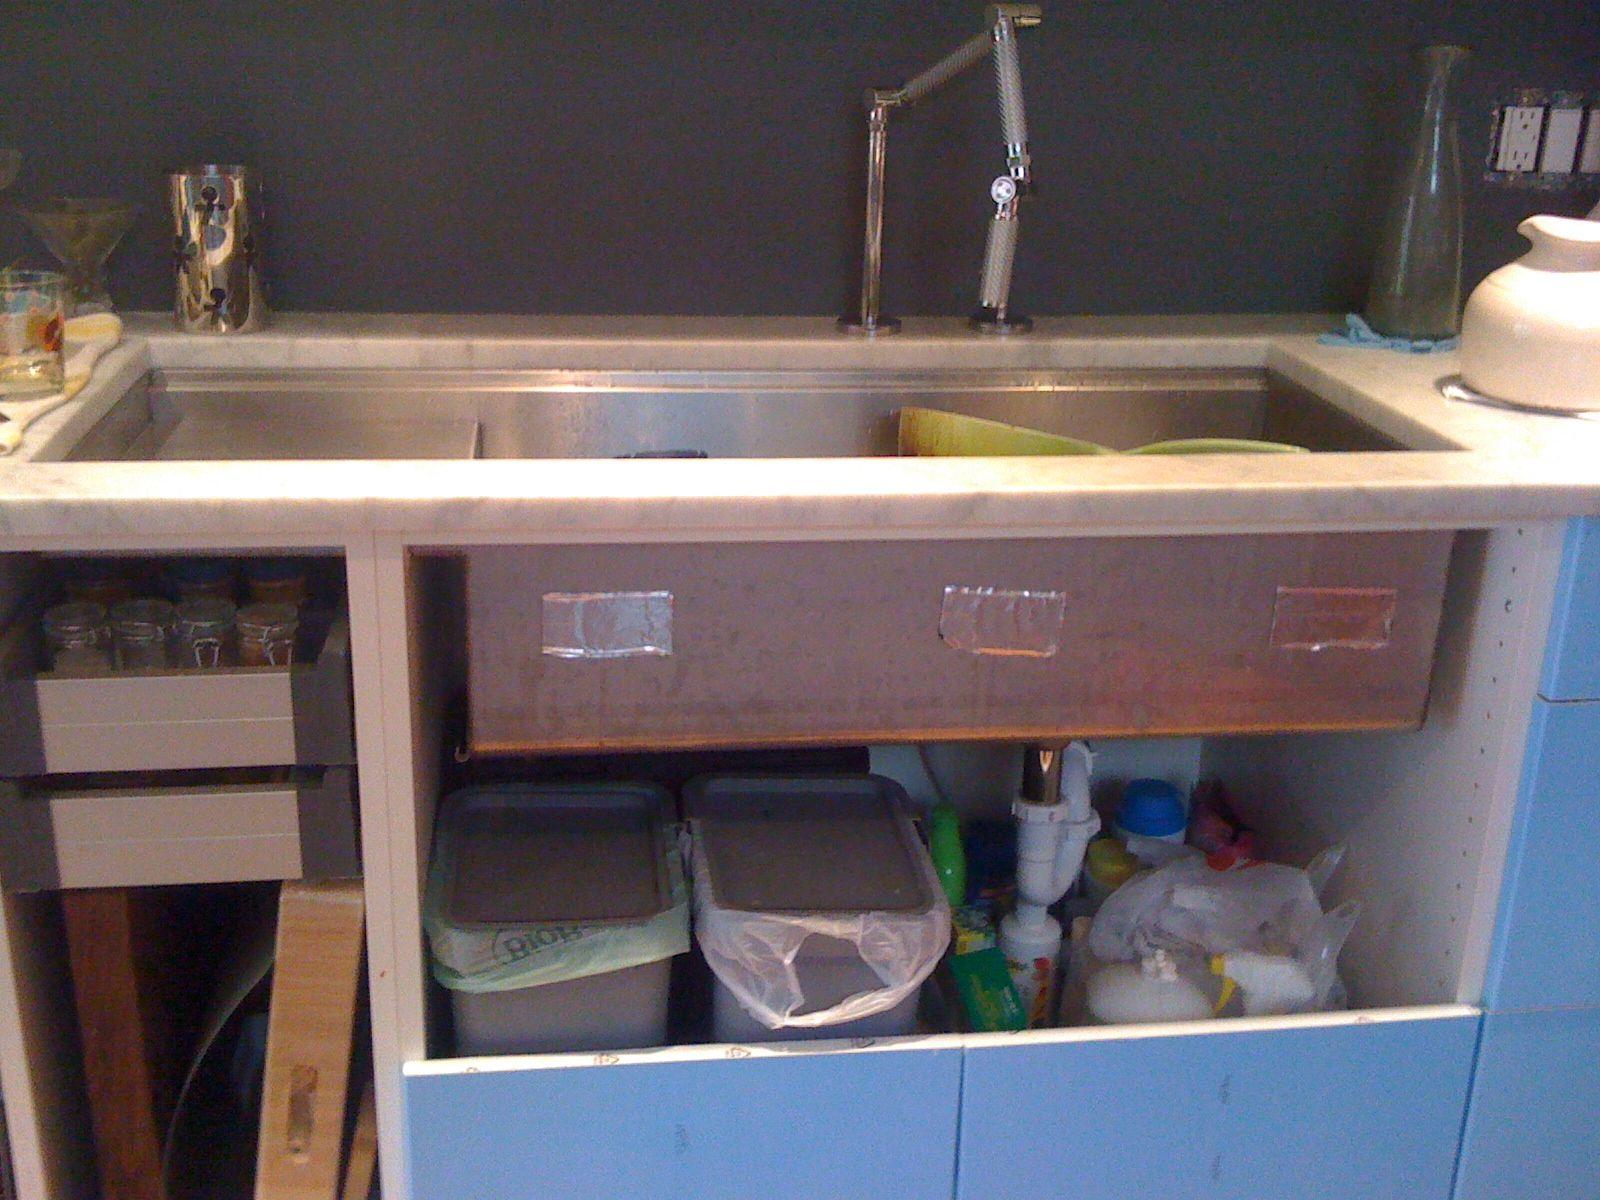 Kohler Stages 45 Google Search Kitchen Cabinet Remodel Sink Kitchen Design